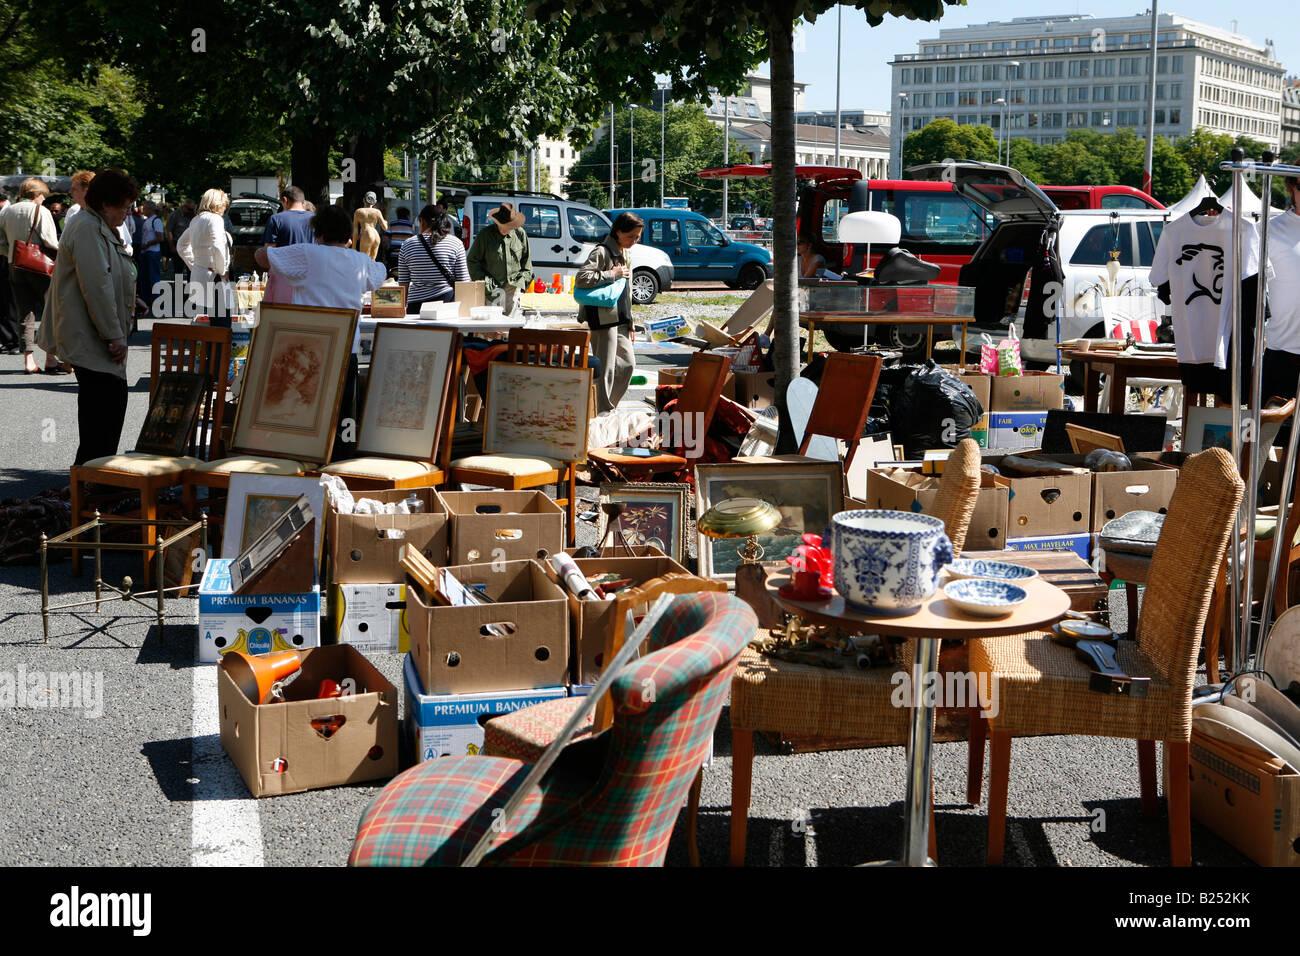 flea market in geneve marche aux puces at the paine de plainpalais stock photo royalty free. Black Bedroom Furniture Sets. Home Design Ideas